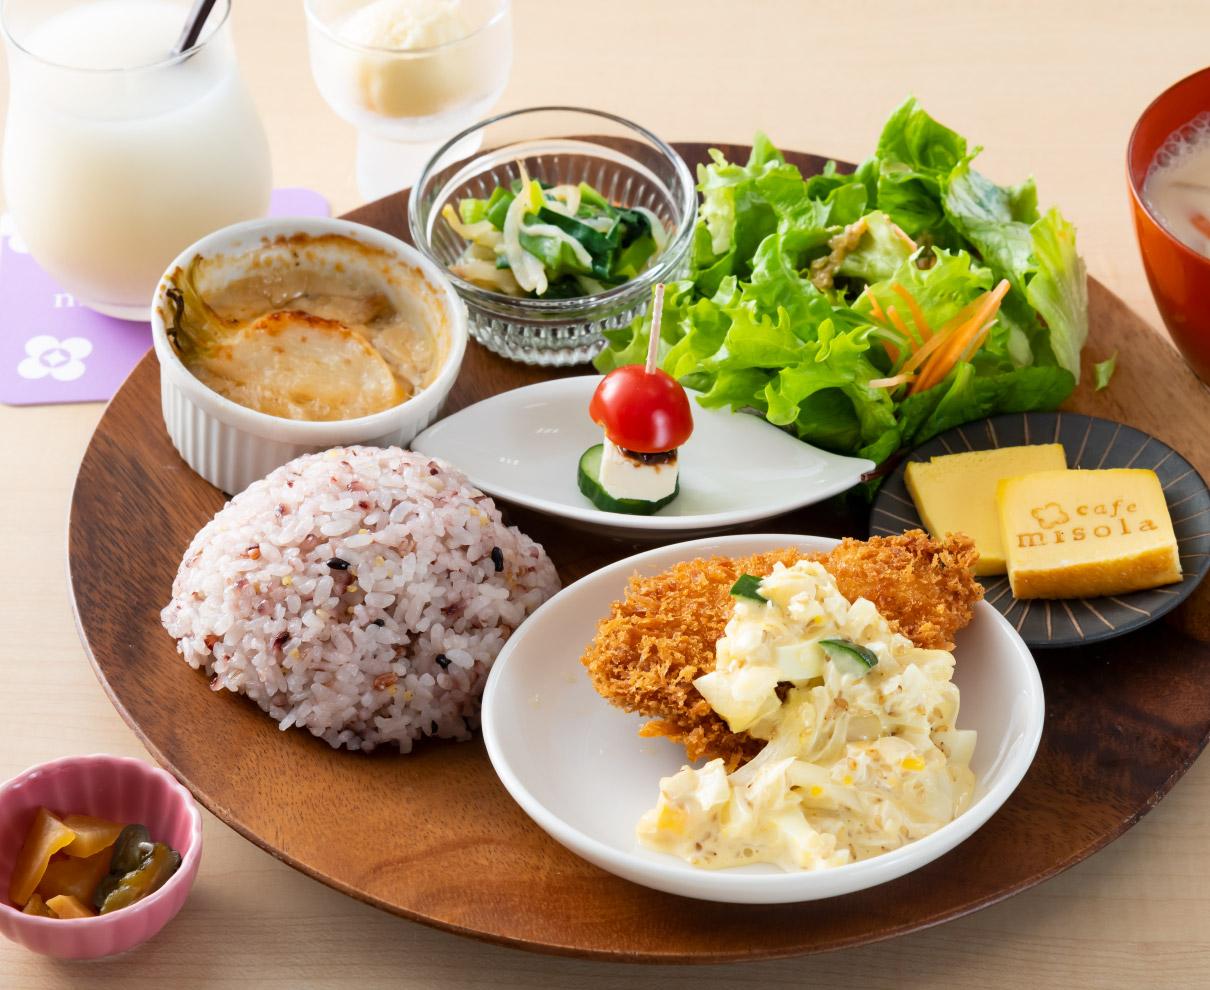 福井市のカフェ『misola(みそら)』の発酵食ランチで元気になろう!